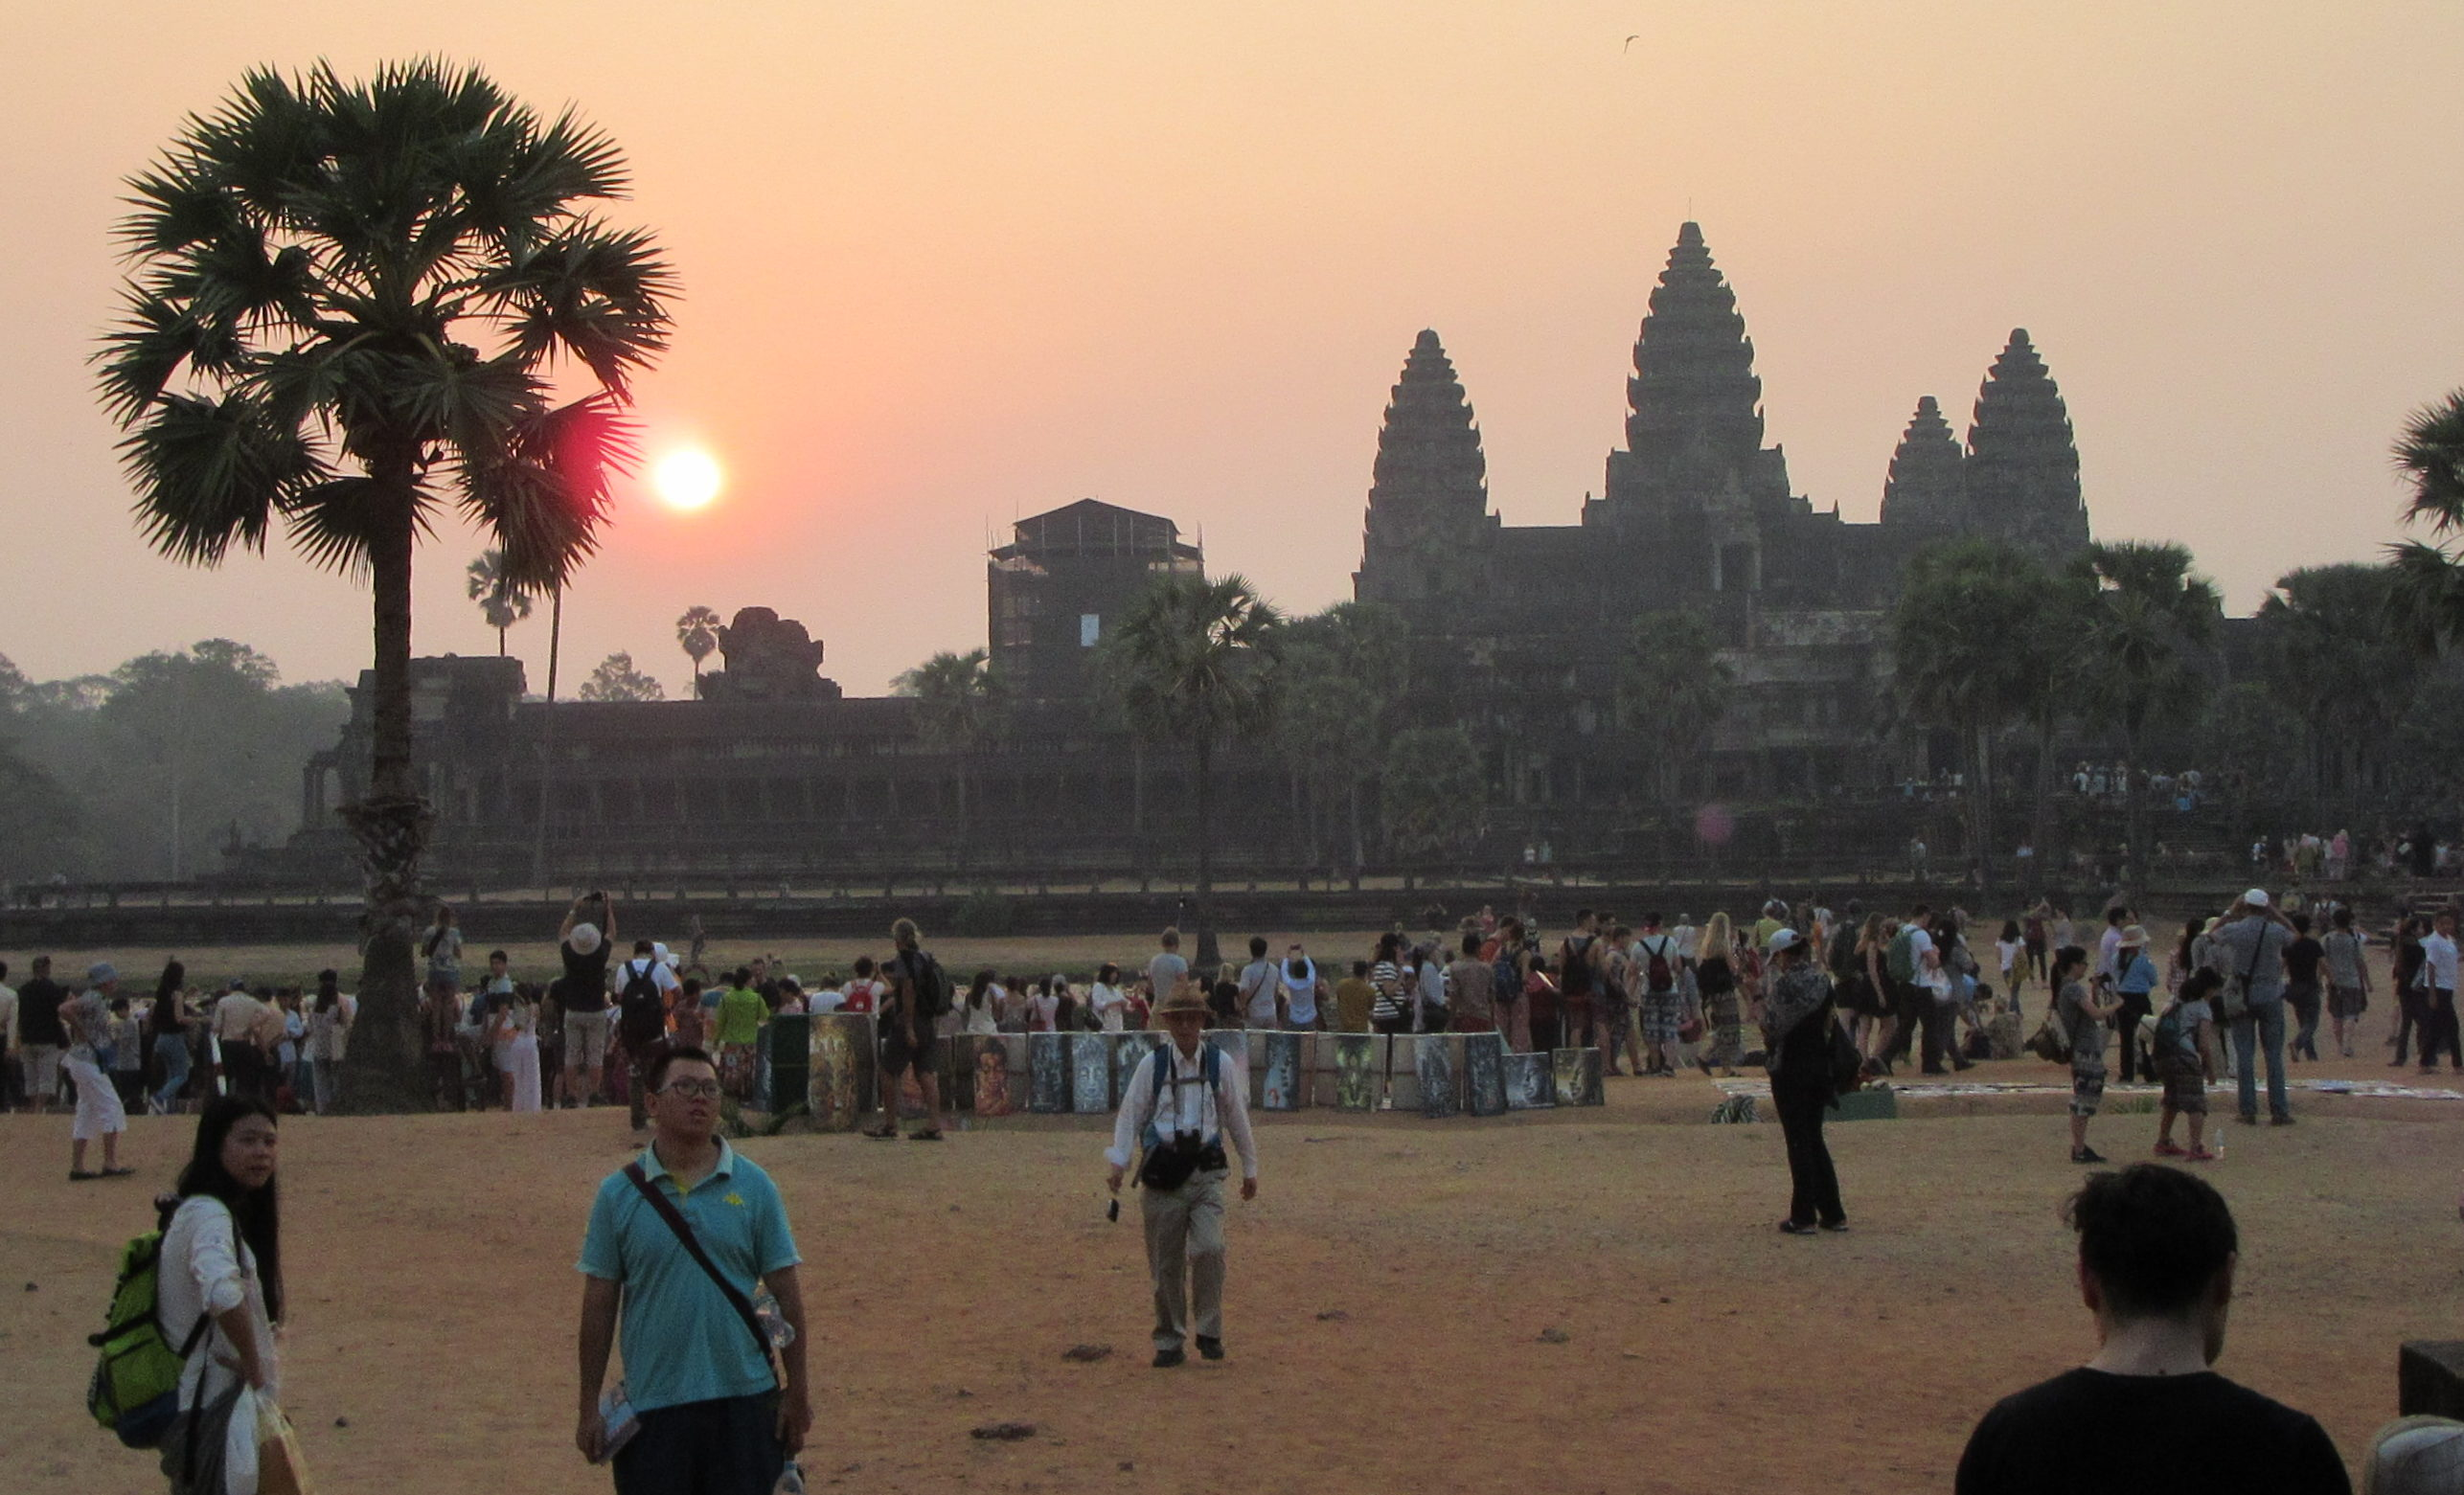 Der Sonnenaufgang am Khmertempel von Angkor Wat in Kambodscha. Bild: Laura Heyer